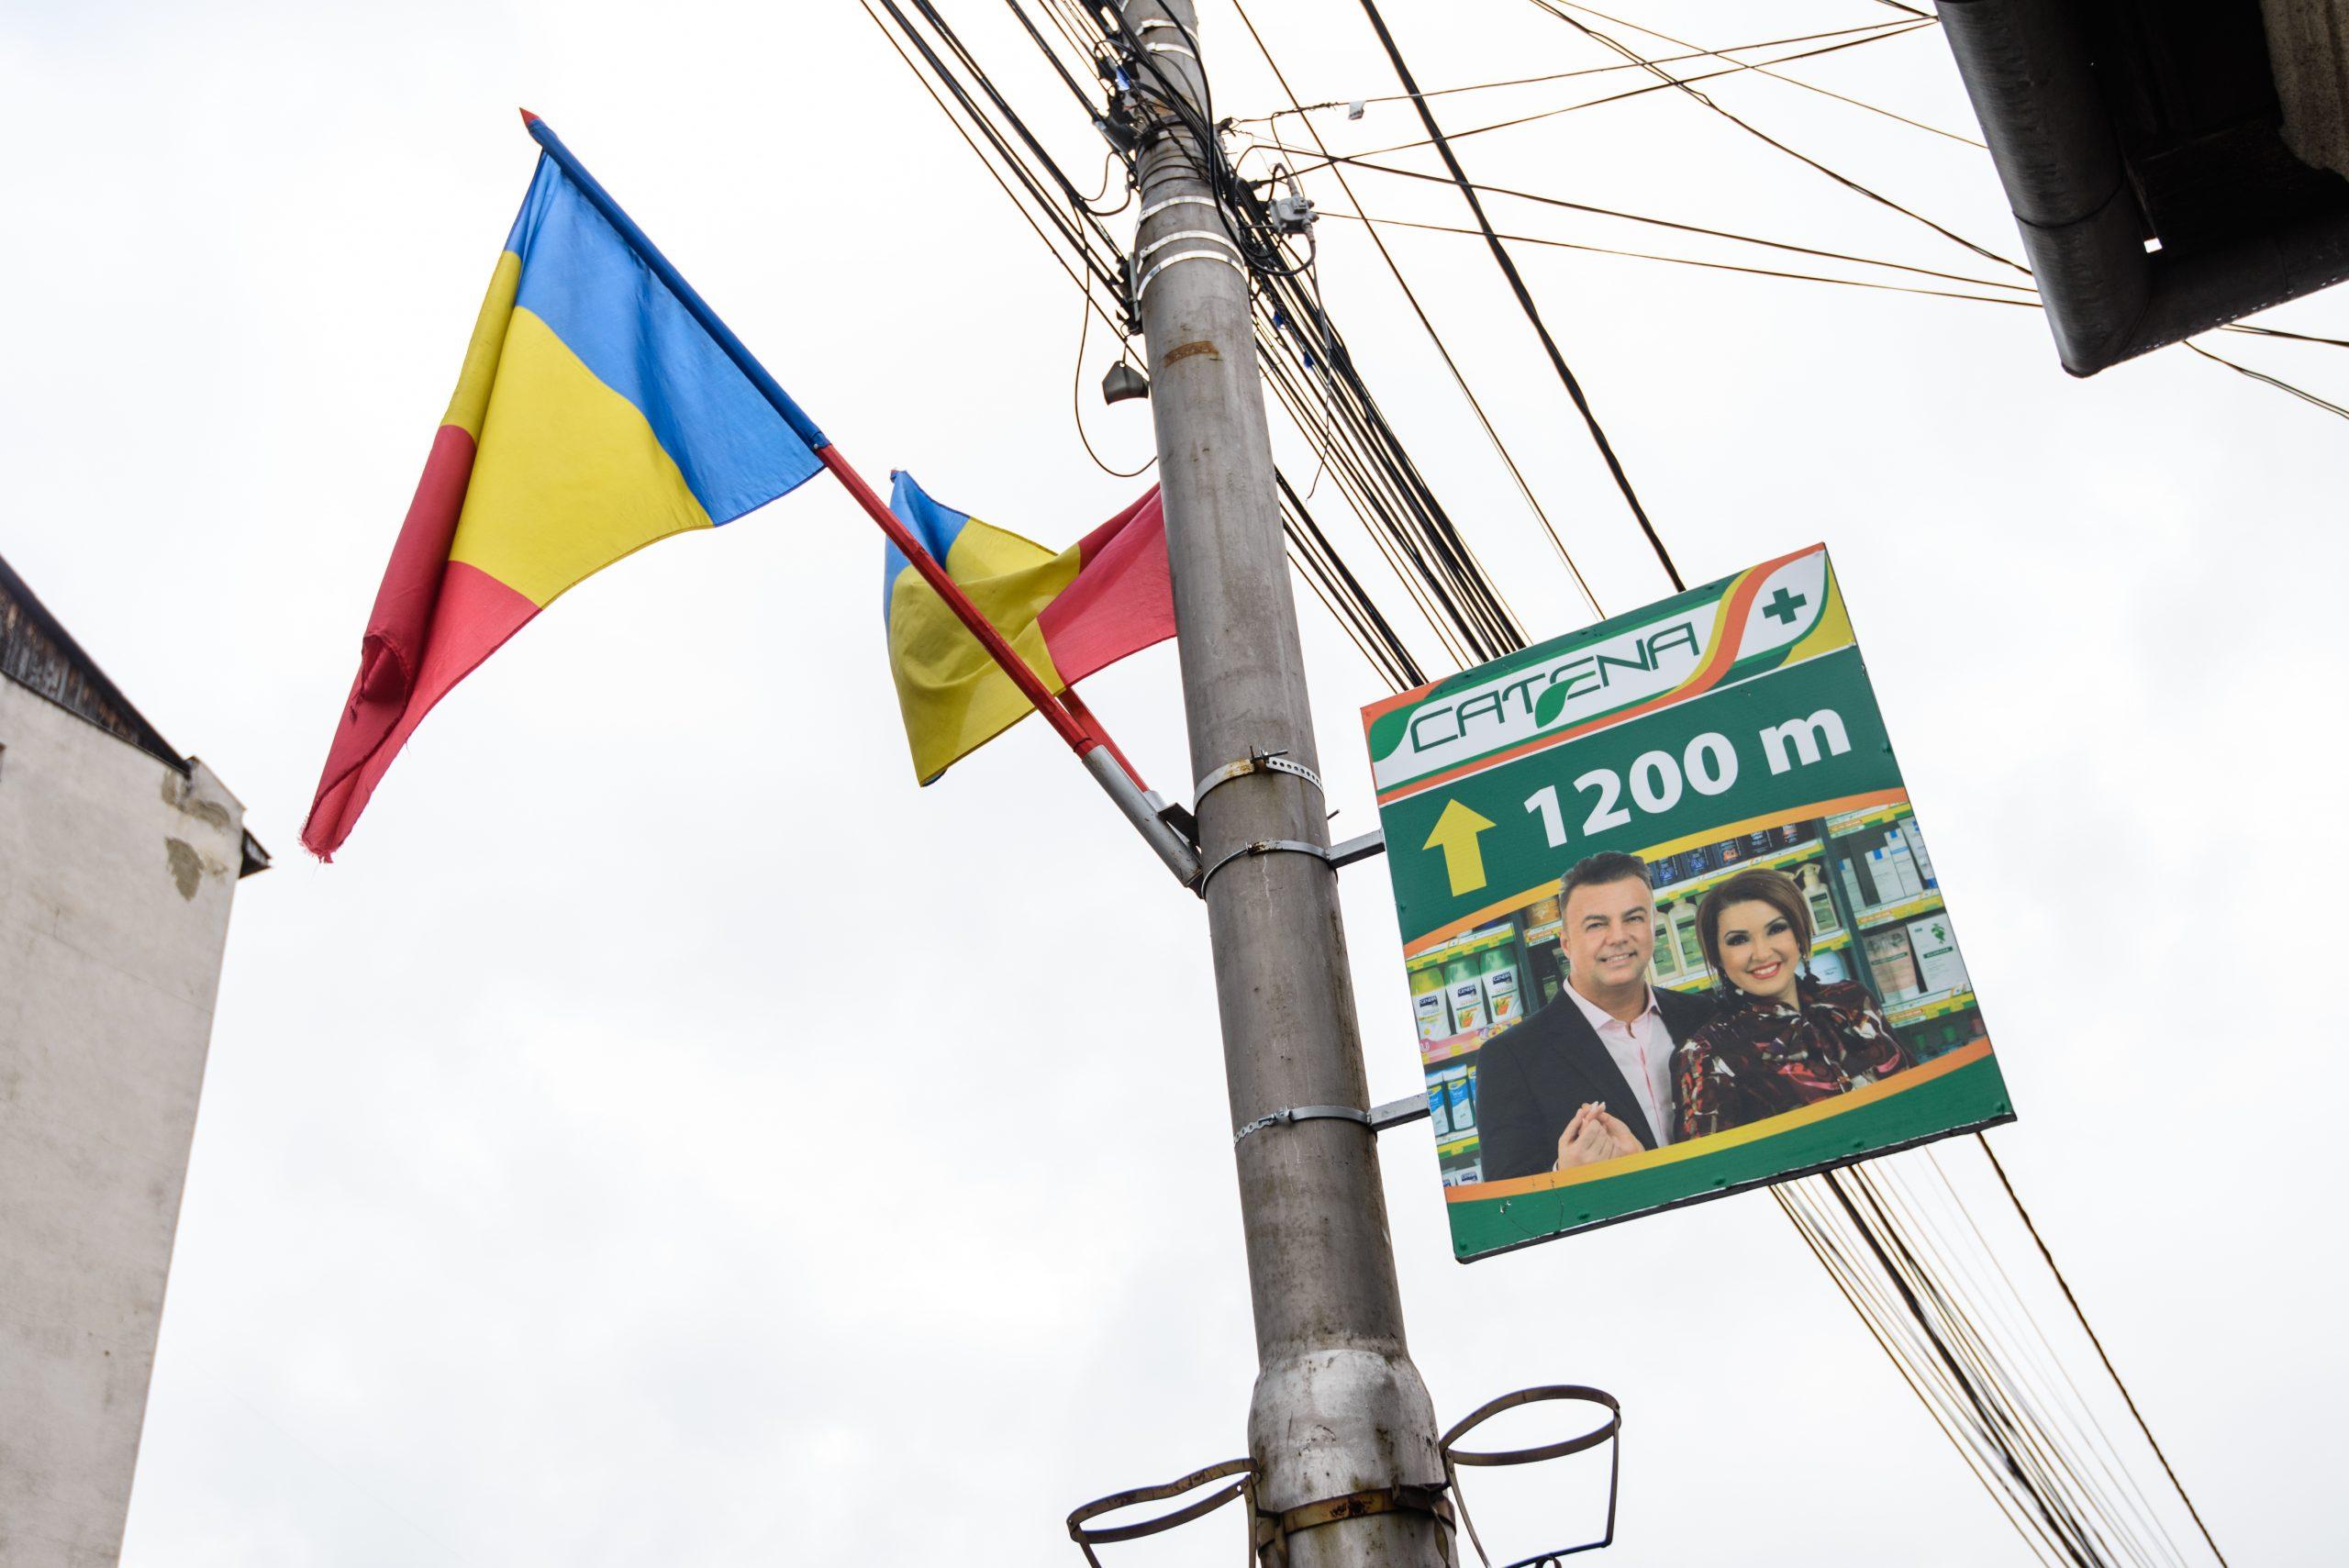 Panouri direcționale amplasate pe stâlpii de iluminat public